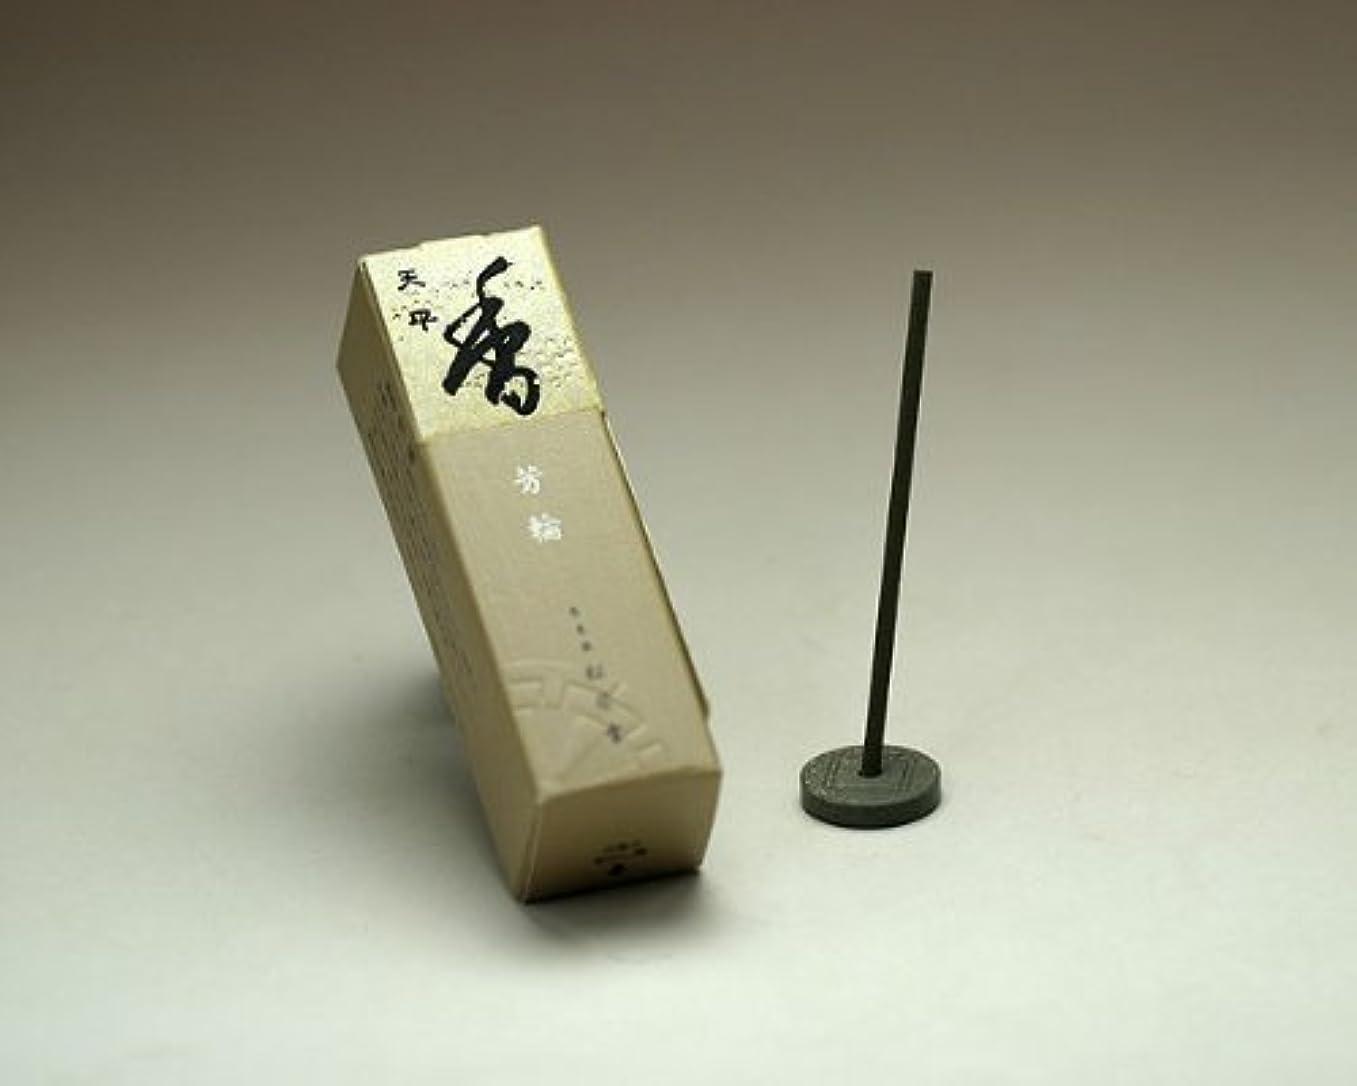 画面油痛い銘香芳輪 松栄堂のお香 芳輪天平 ST20本入 簡易香立付 #210523